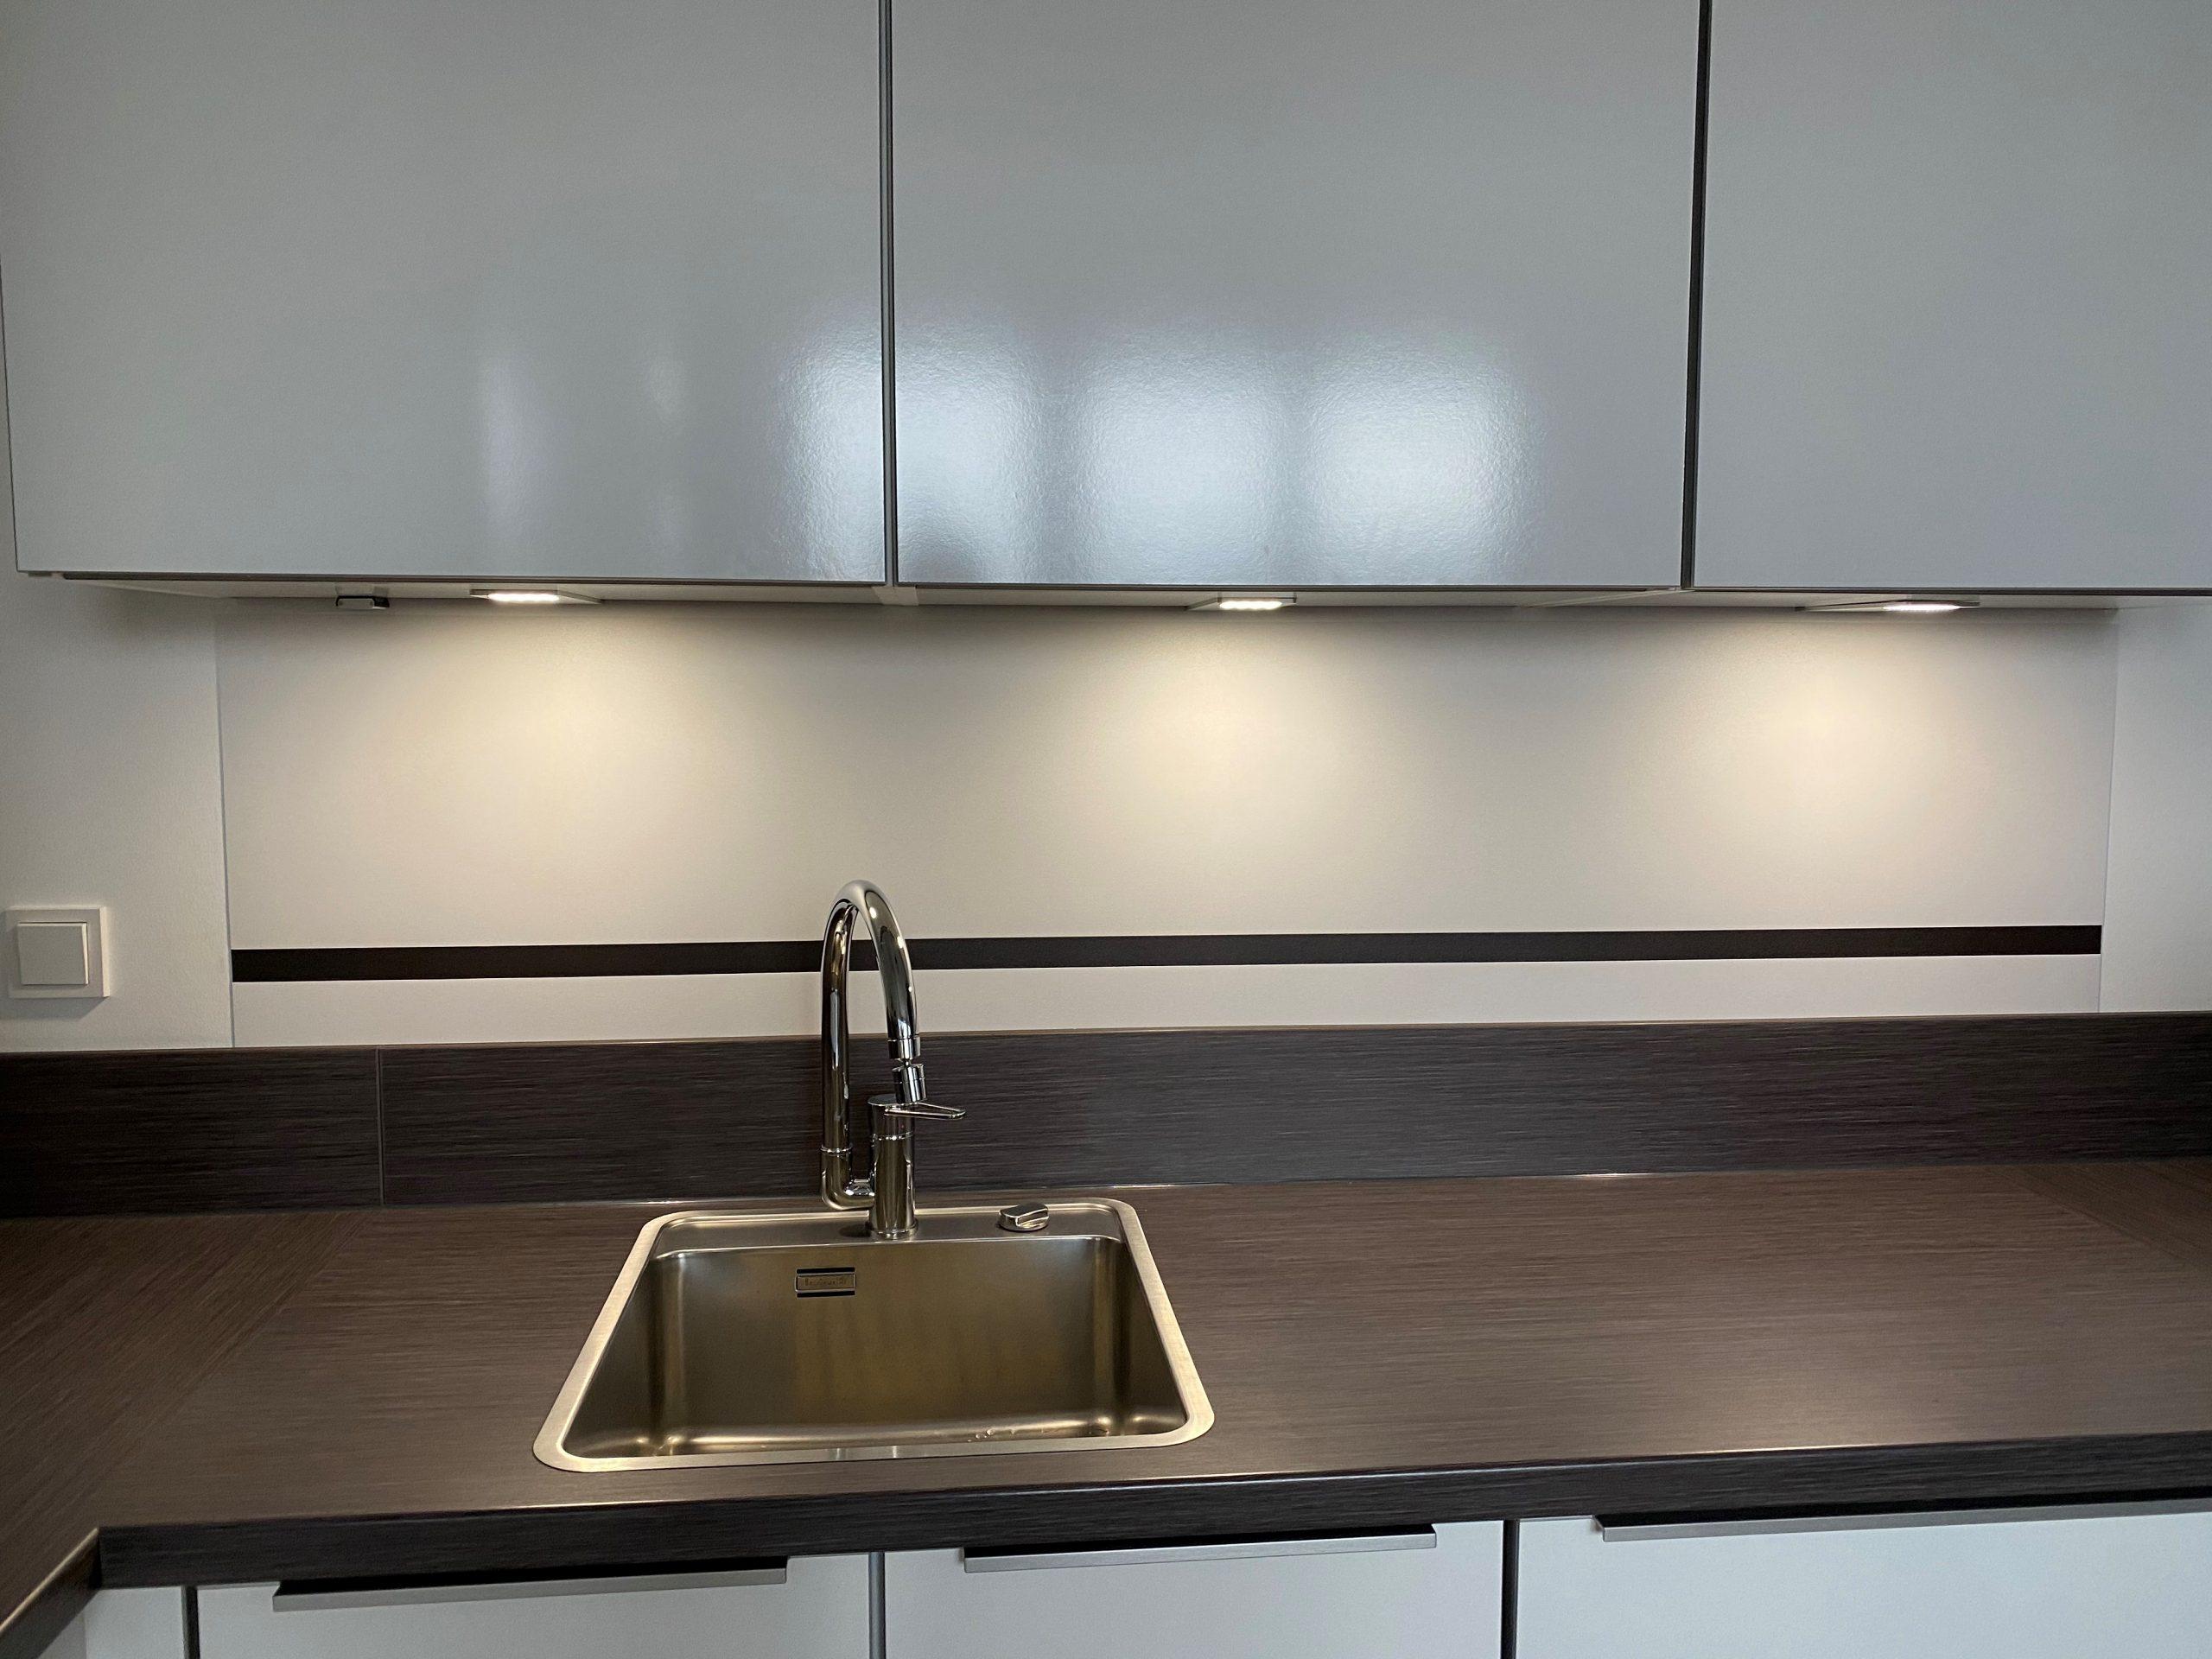 Full Size of Designer Lampen Küche Led Lampen Küche Unterschrank Lampen Küche Hängende Lampen Küche Küche Lampen Küche